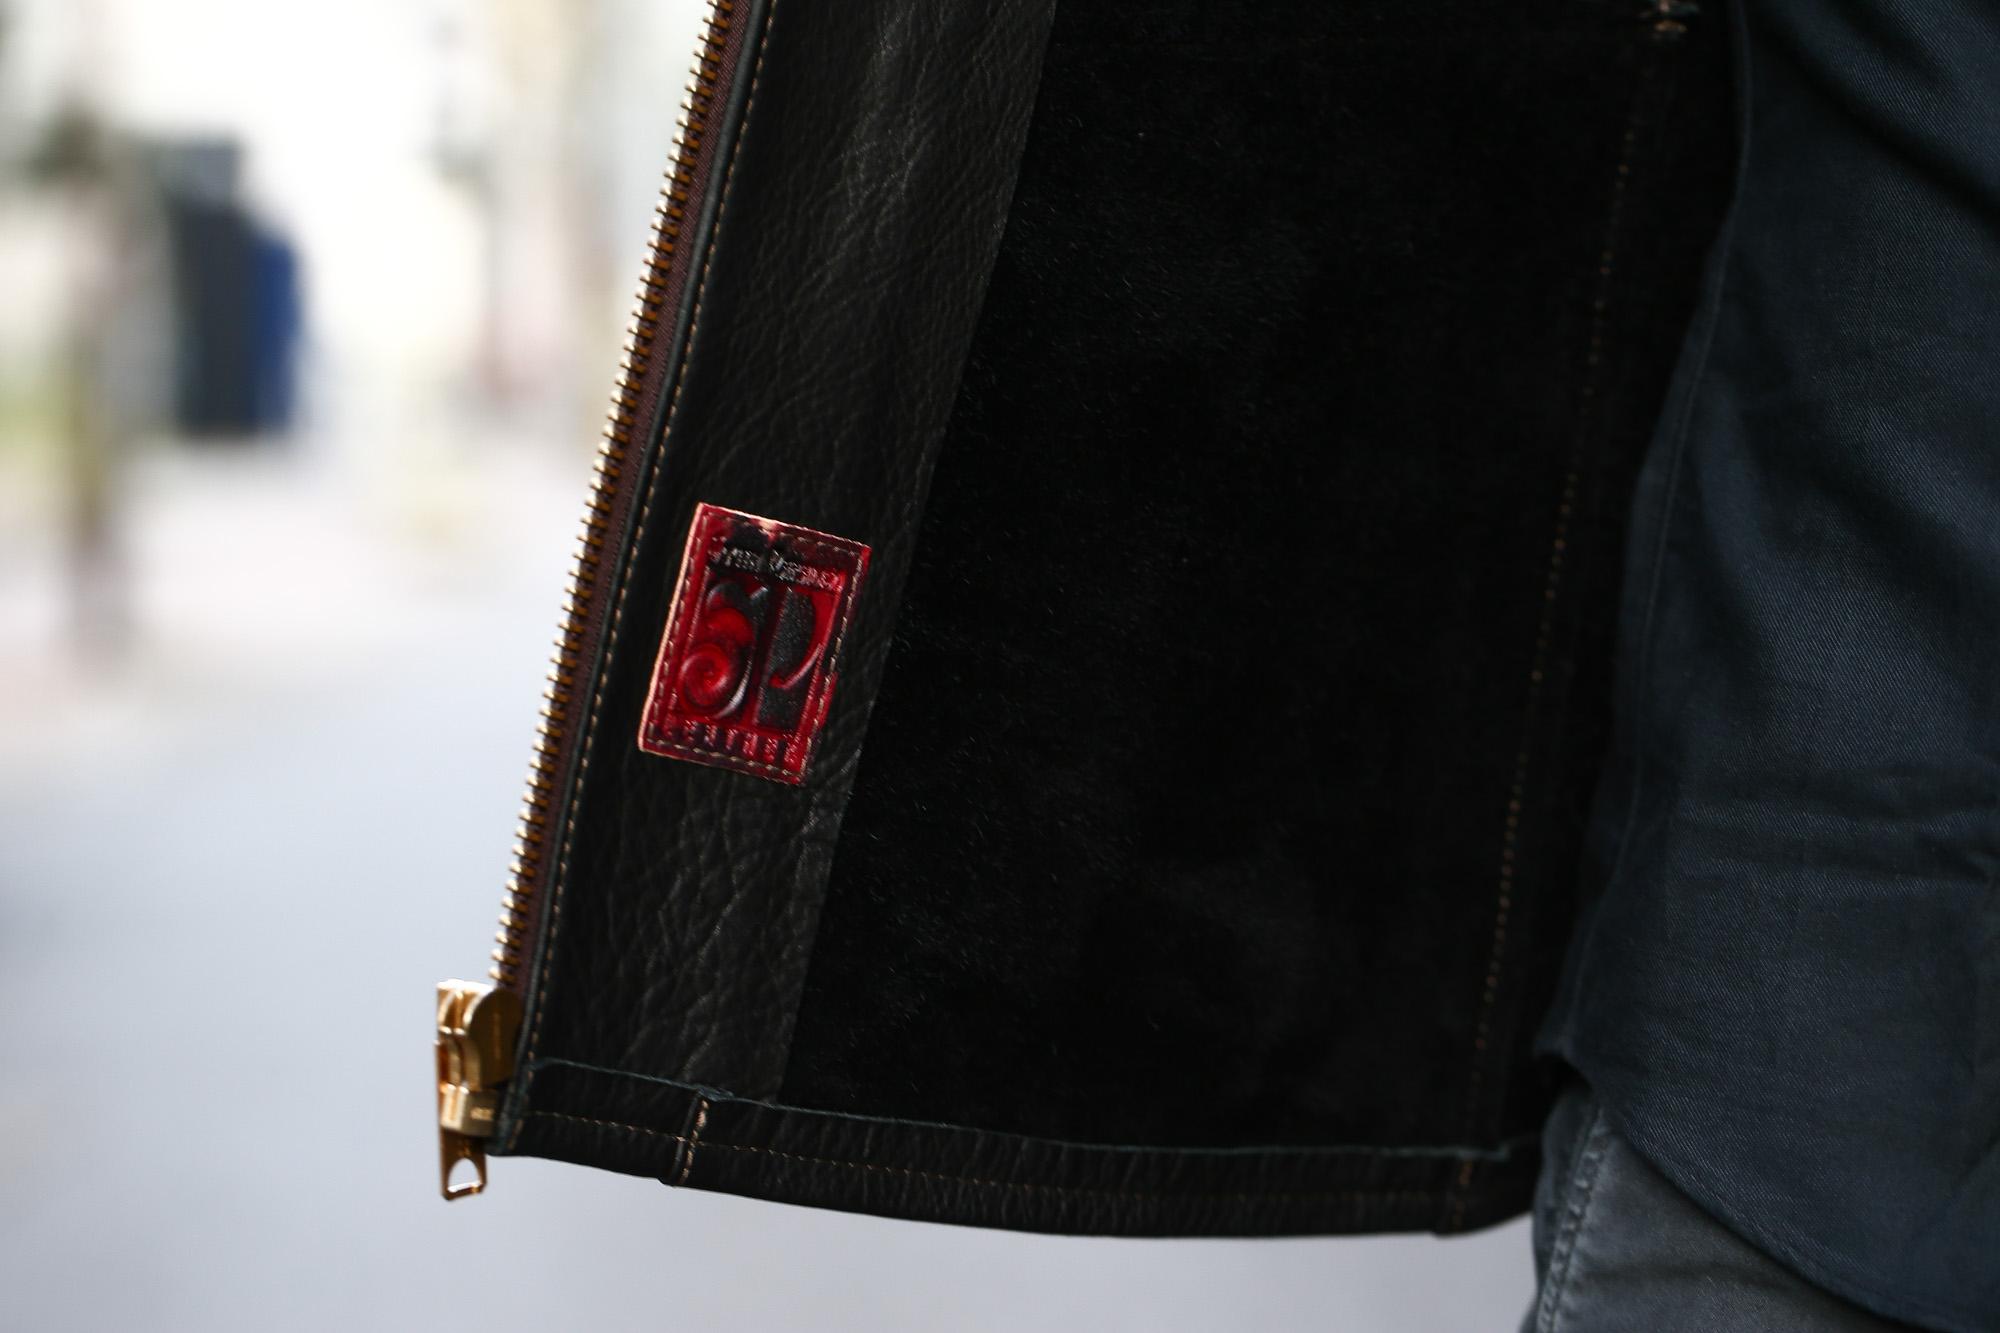 South Paradiso Leather (サウスパラディソレザー) SMOKE スモーク East West イーストウエスト Cow Hide Leather カウハイドレザー レザージャケット BLACK (ブラック) MADE IN USA (アメリカ製) のコーディネート画像。愛知 名古屋 Alto e Diritto アルト エ デリット パラディソ イーストウエスト スモーク ヴィンテージ アドラー アードラー ウィンチェスター イルミナティレインボーシャツ レザー 革ジャン